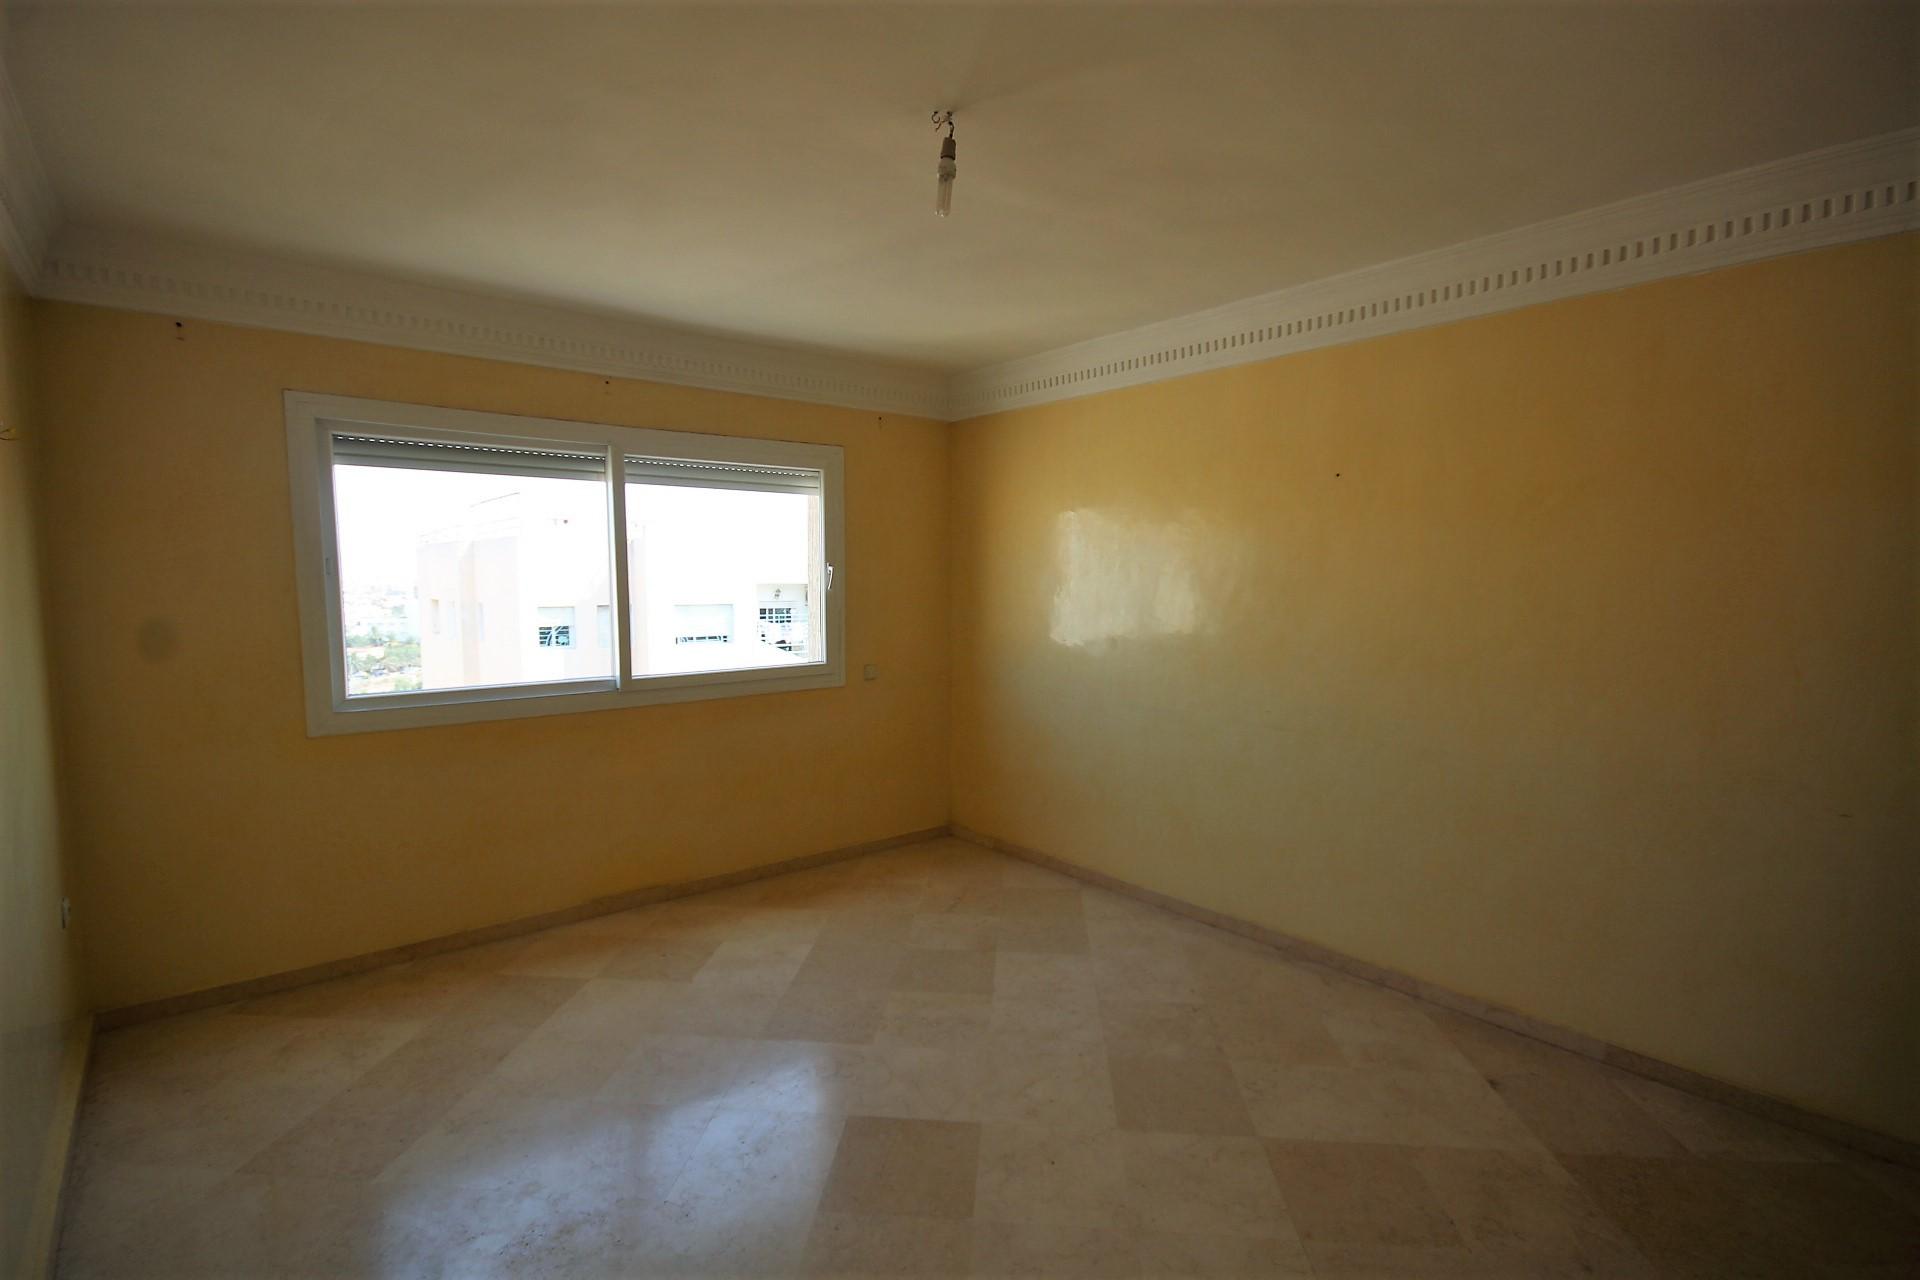 Casablanca Sud, proche Oasis et Californie, à louer appartement de 111m² terrasse avec  3 chambres